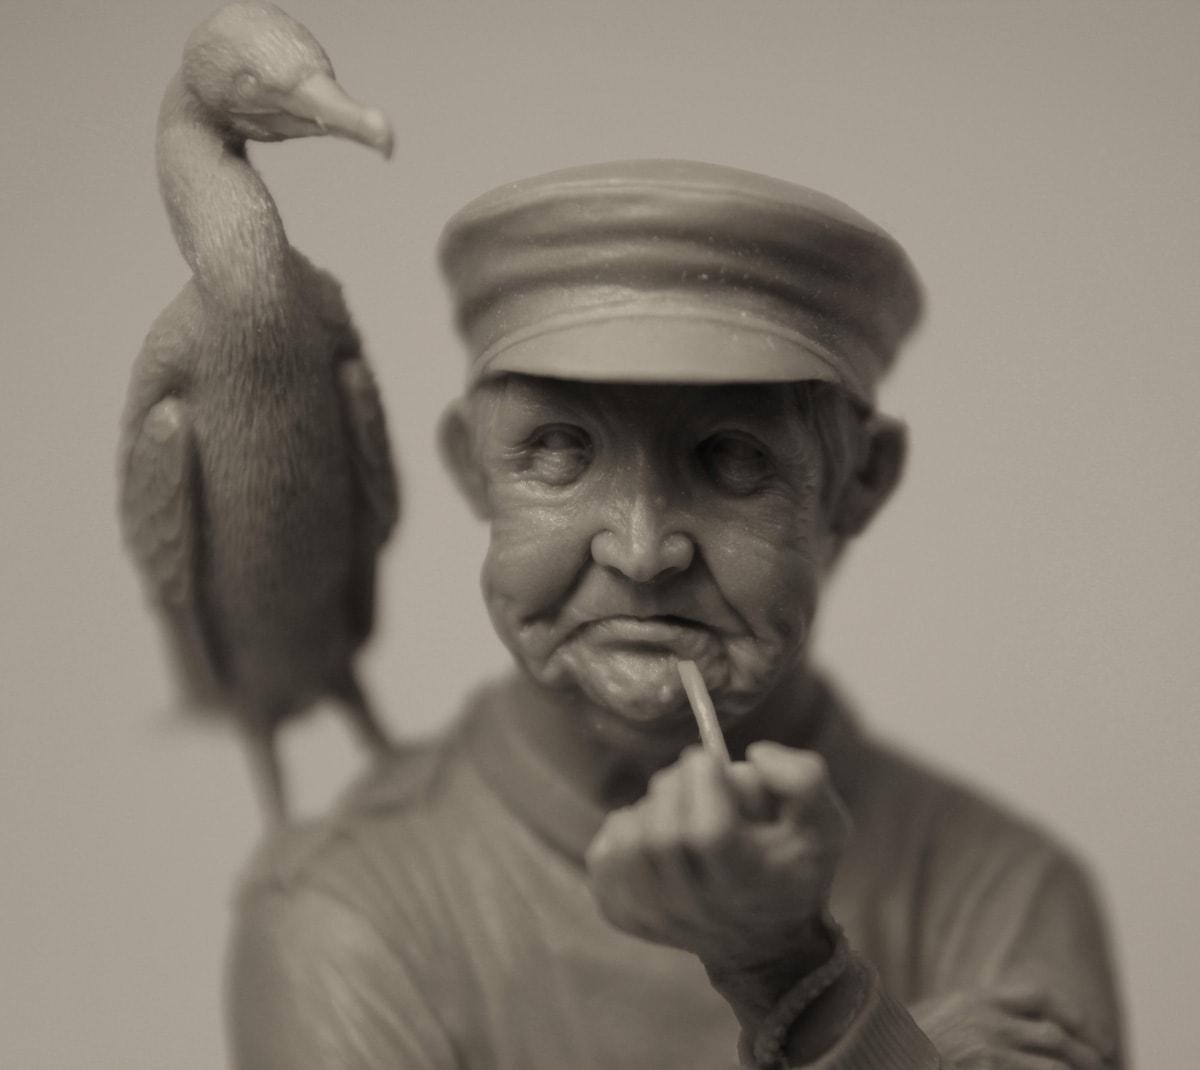 innsmouth-fisherman5